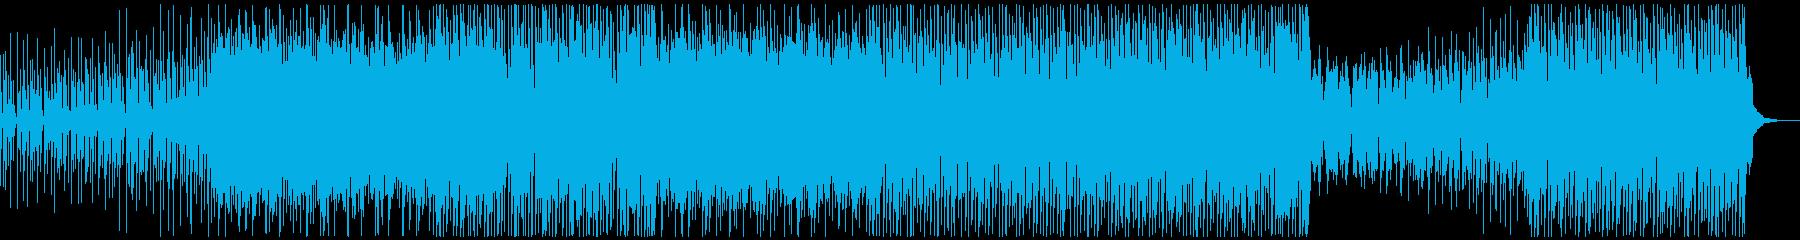 ほのぼの、しんみり、EDM風レゲエの再生済みの波形